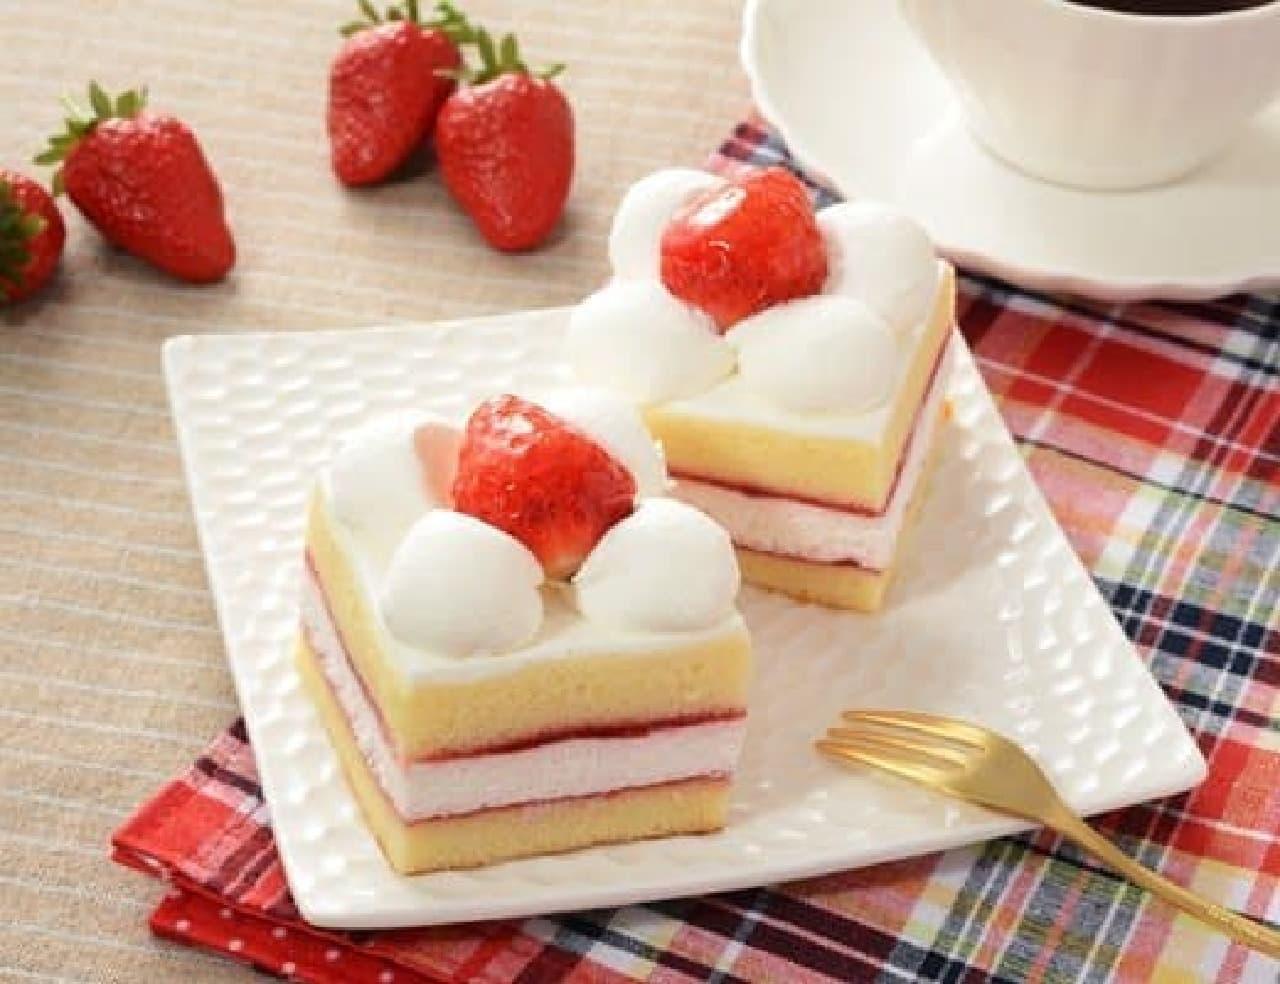 ローソン「苺のショートケーキ 2個入り」